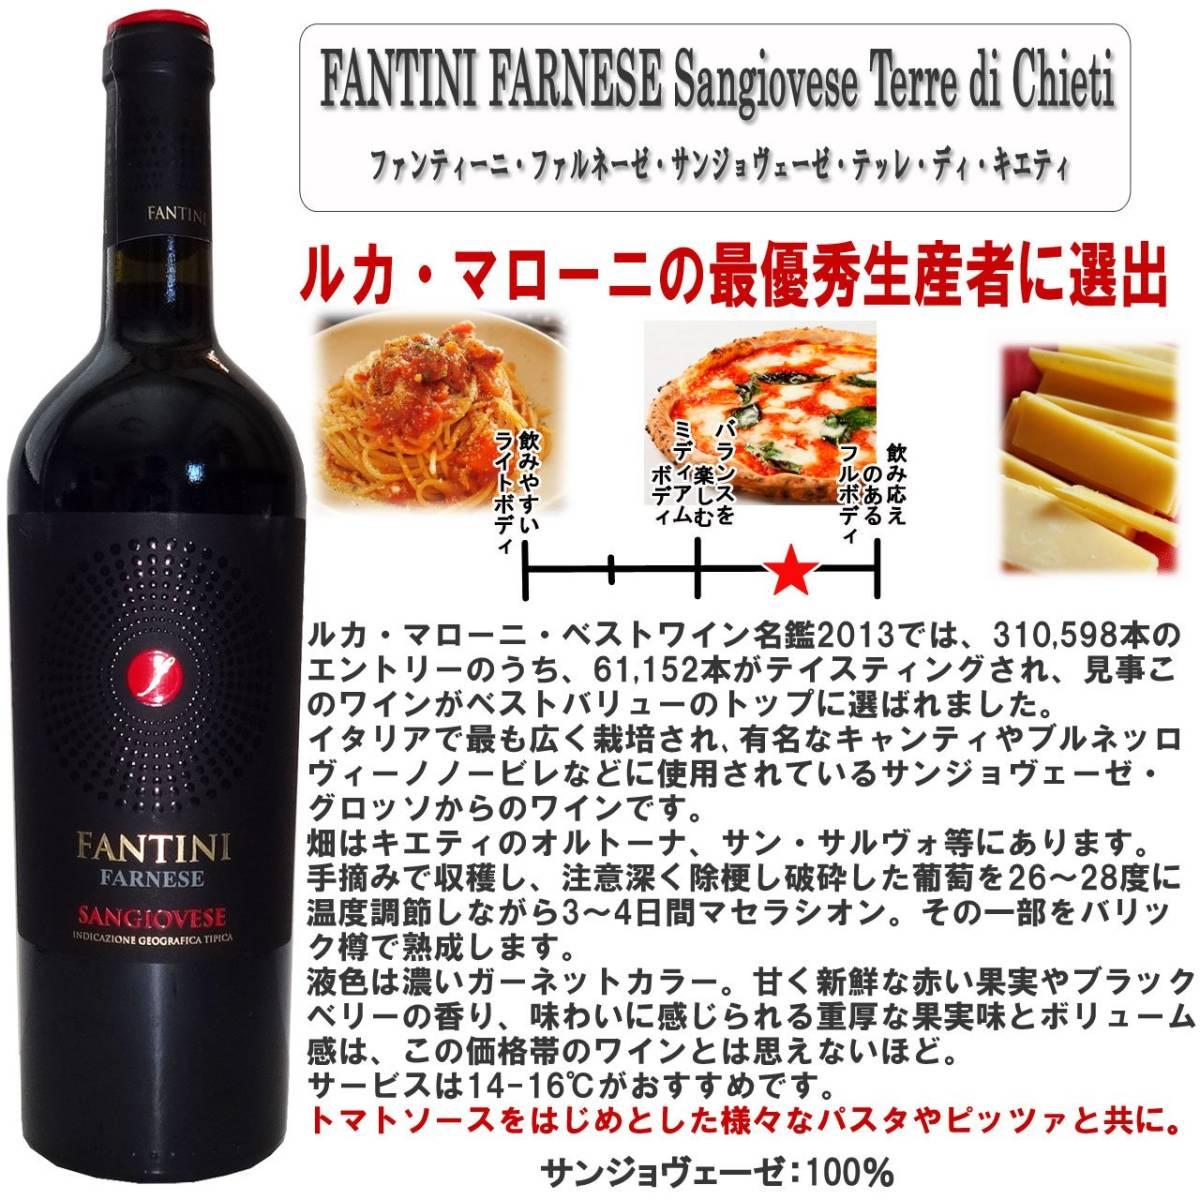 厳選イタリア赤ワイン イタリア名家飲み比べ ソムリエ厳選ワインセット 赤ワイン 750ml 5本_画像3